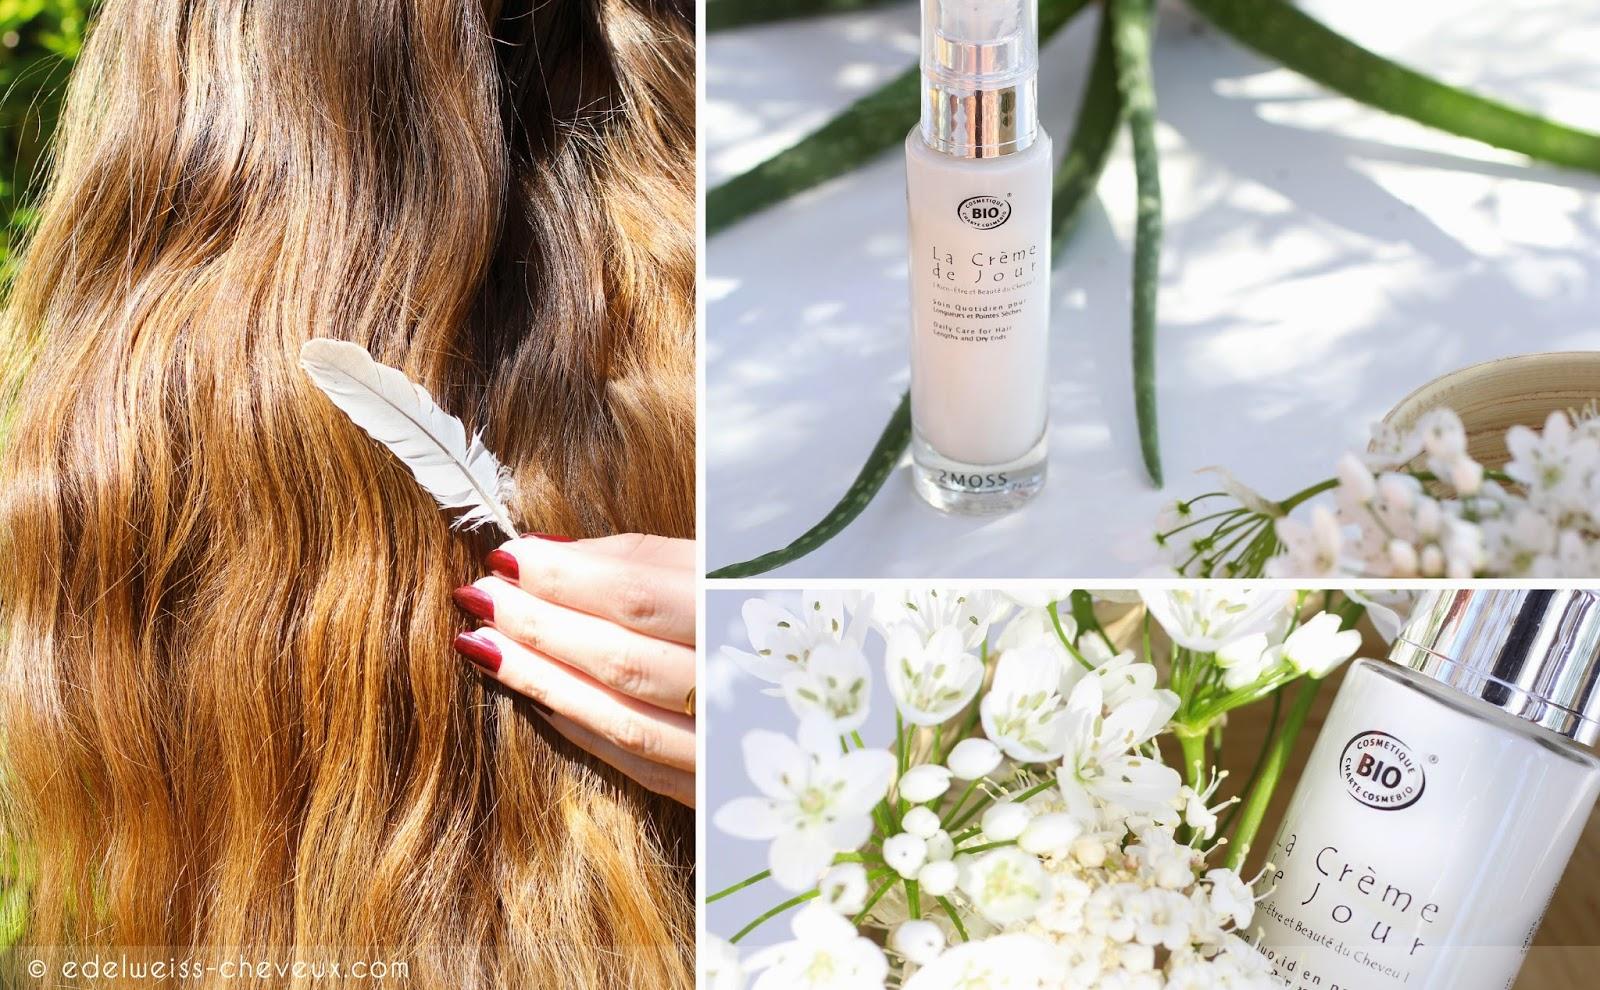 crème de jour soin cheveux naturel 2moss hydratant